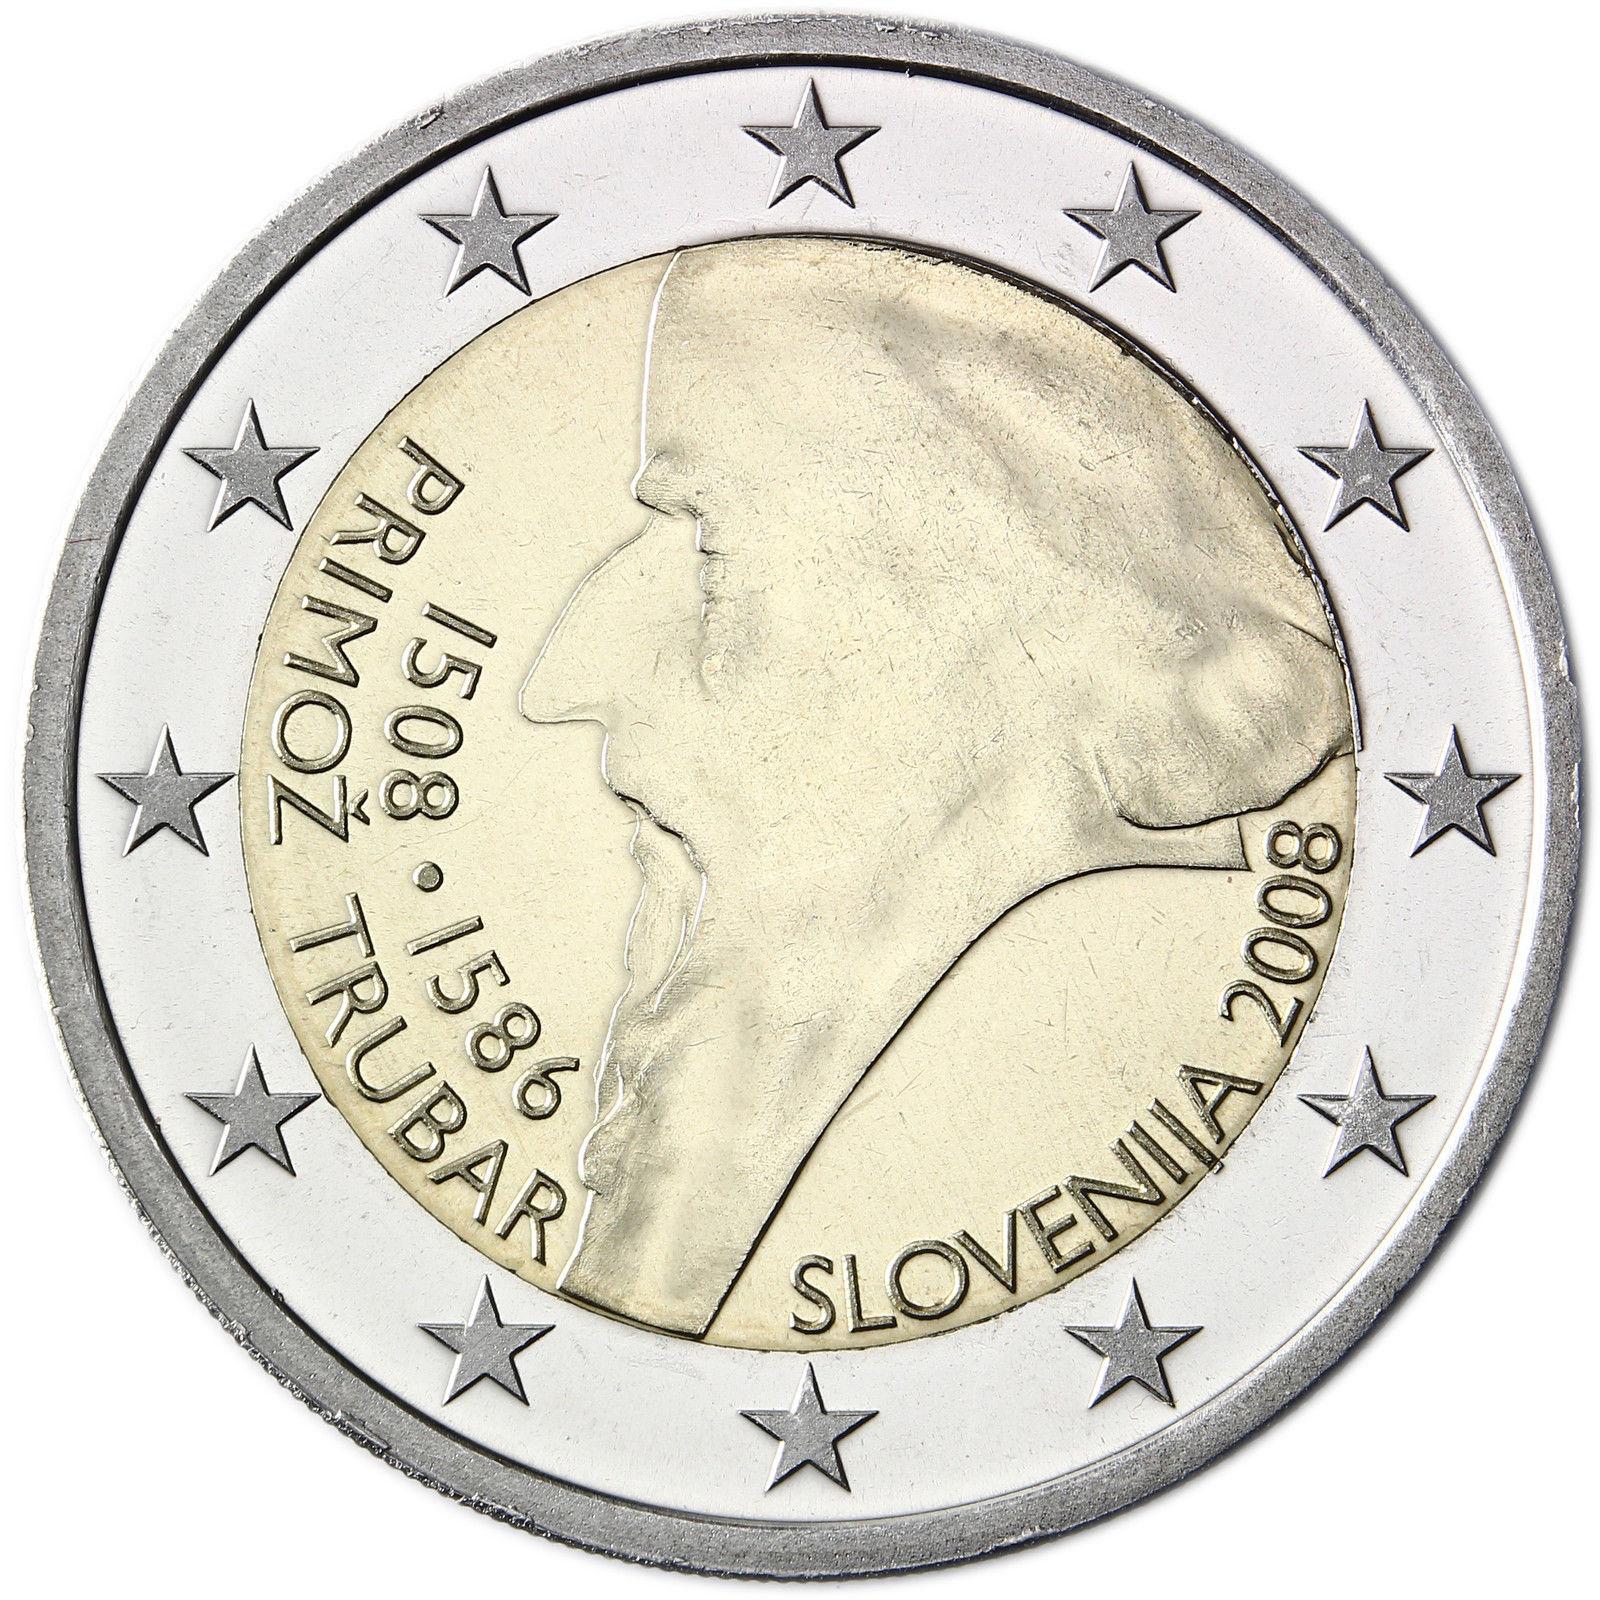 slovenia 2 euro 2008 500th anniversary of primoz trubar. Black Bedroom Furniture Sets. Home Design Ideas